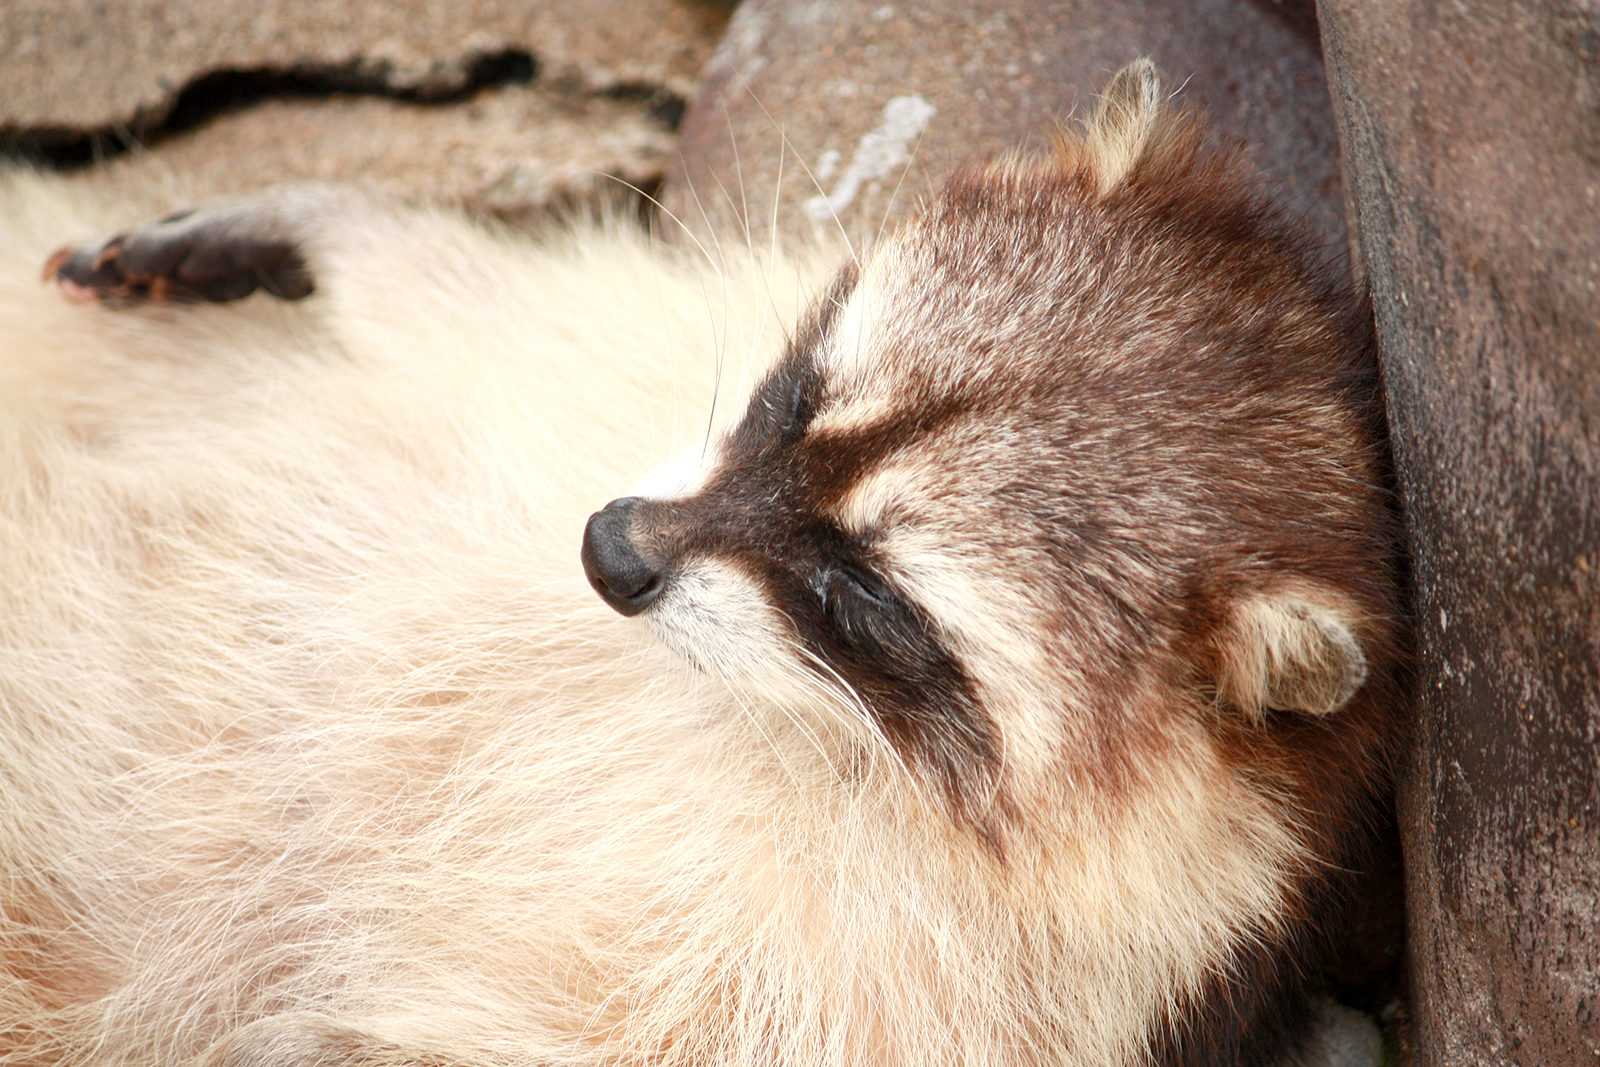 昼寝中のアライグマの顔アップ01